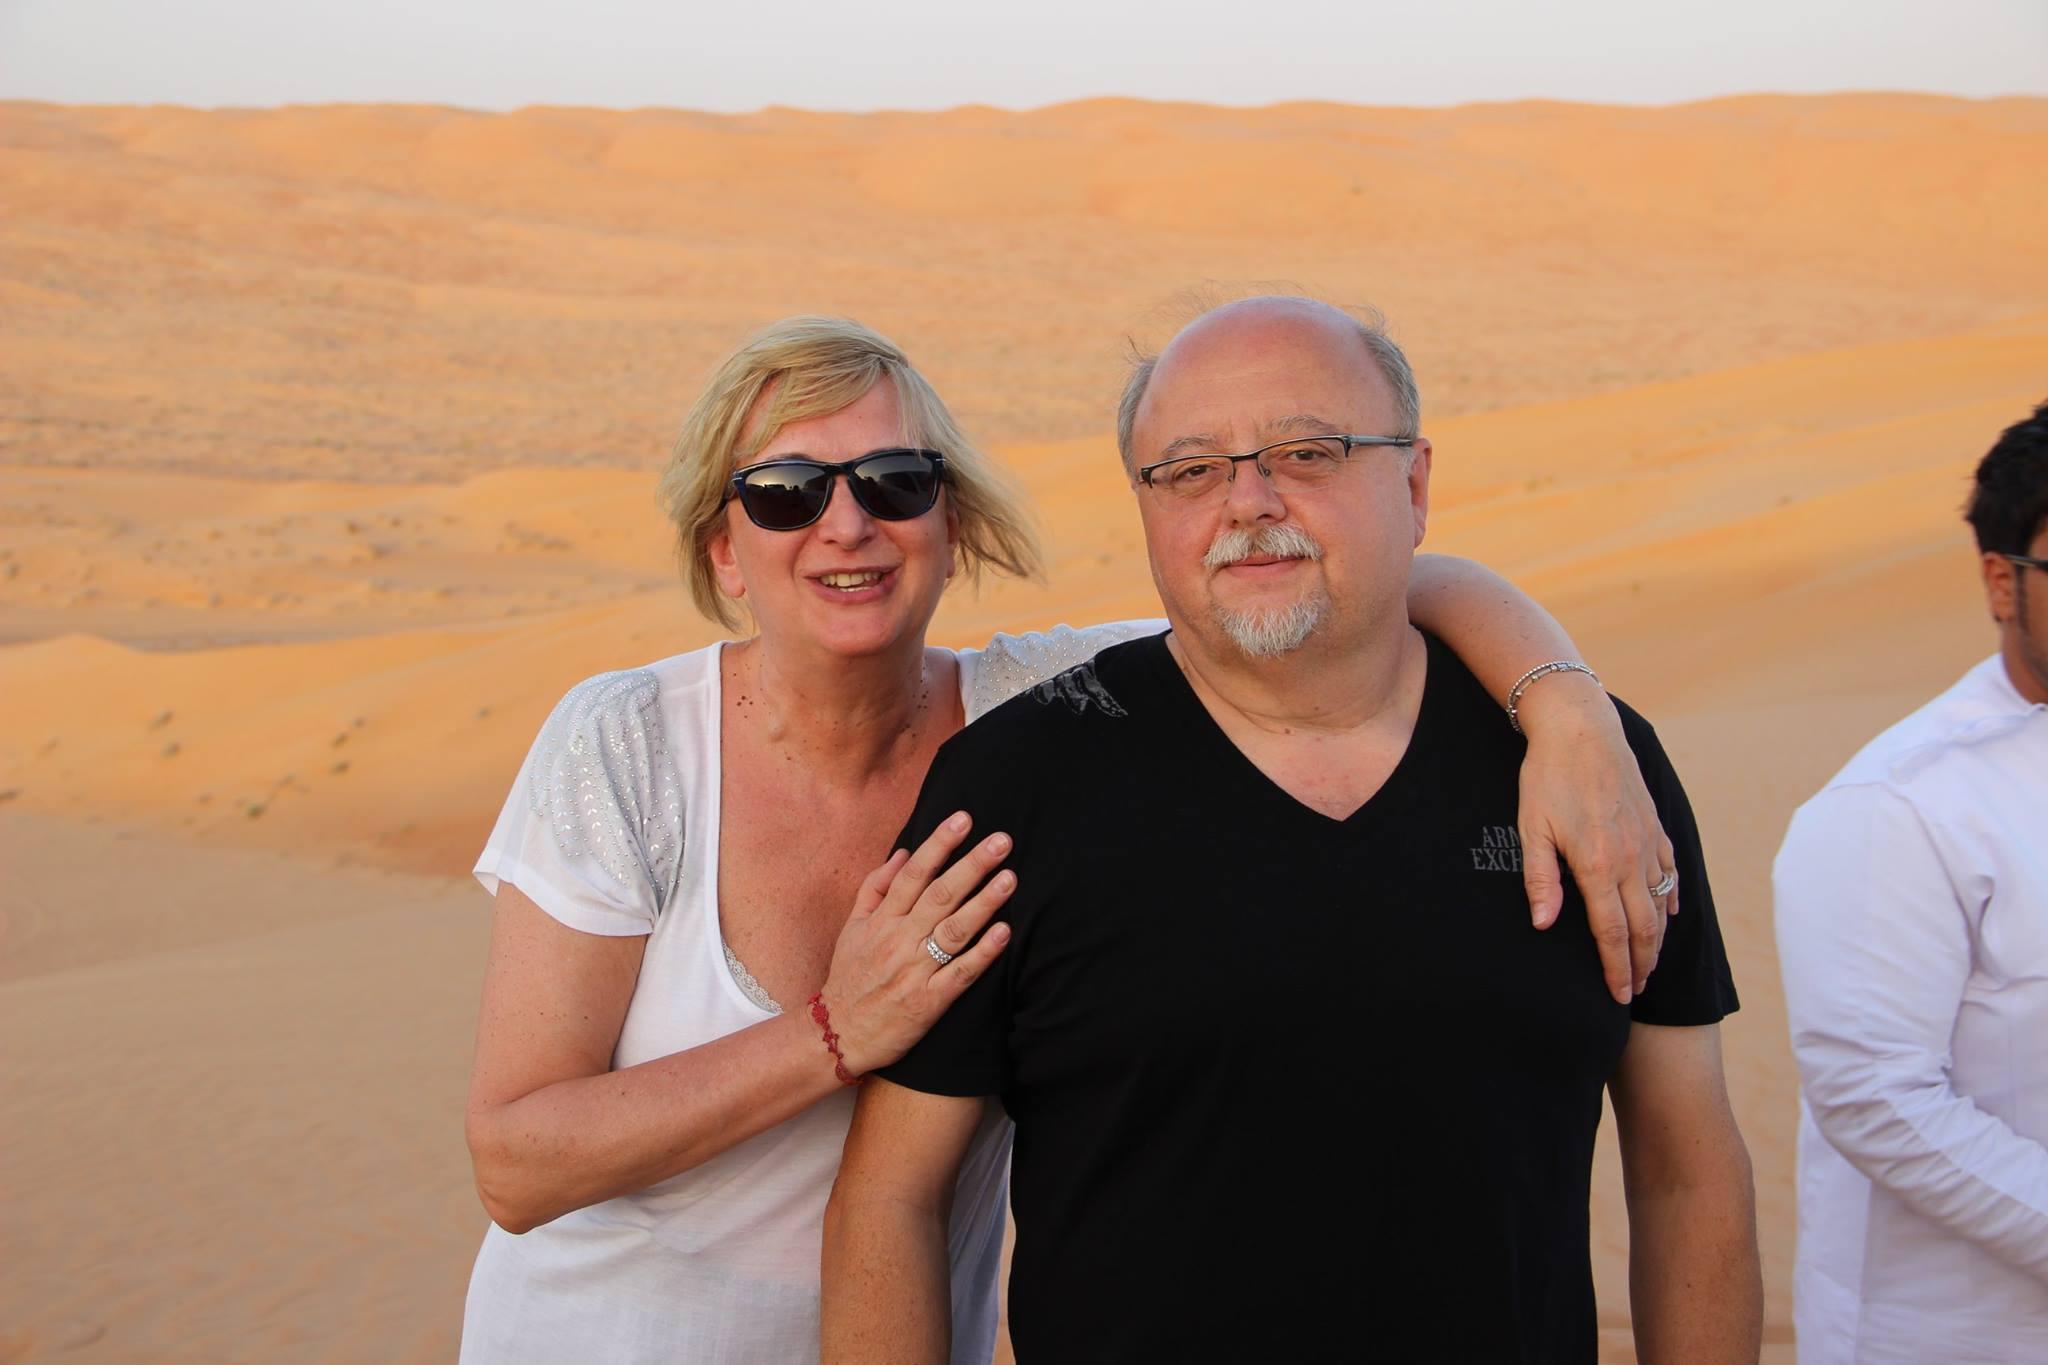 Incontri in online Abu Dhabi